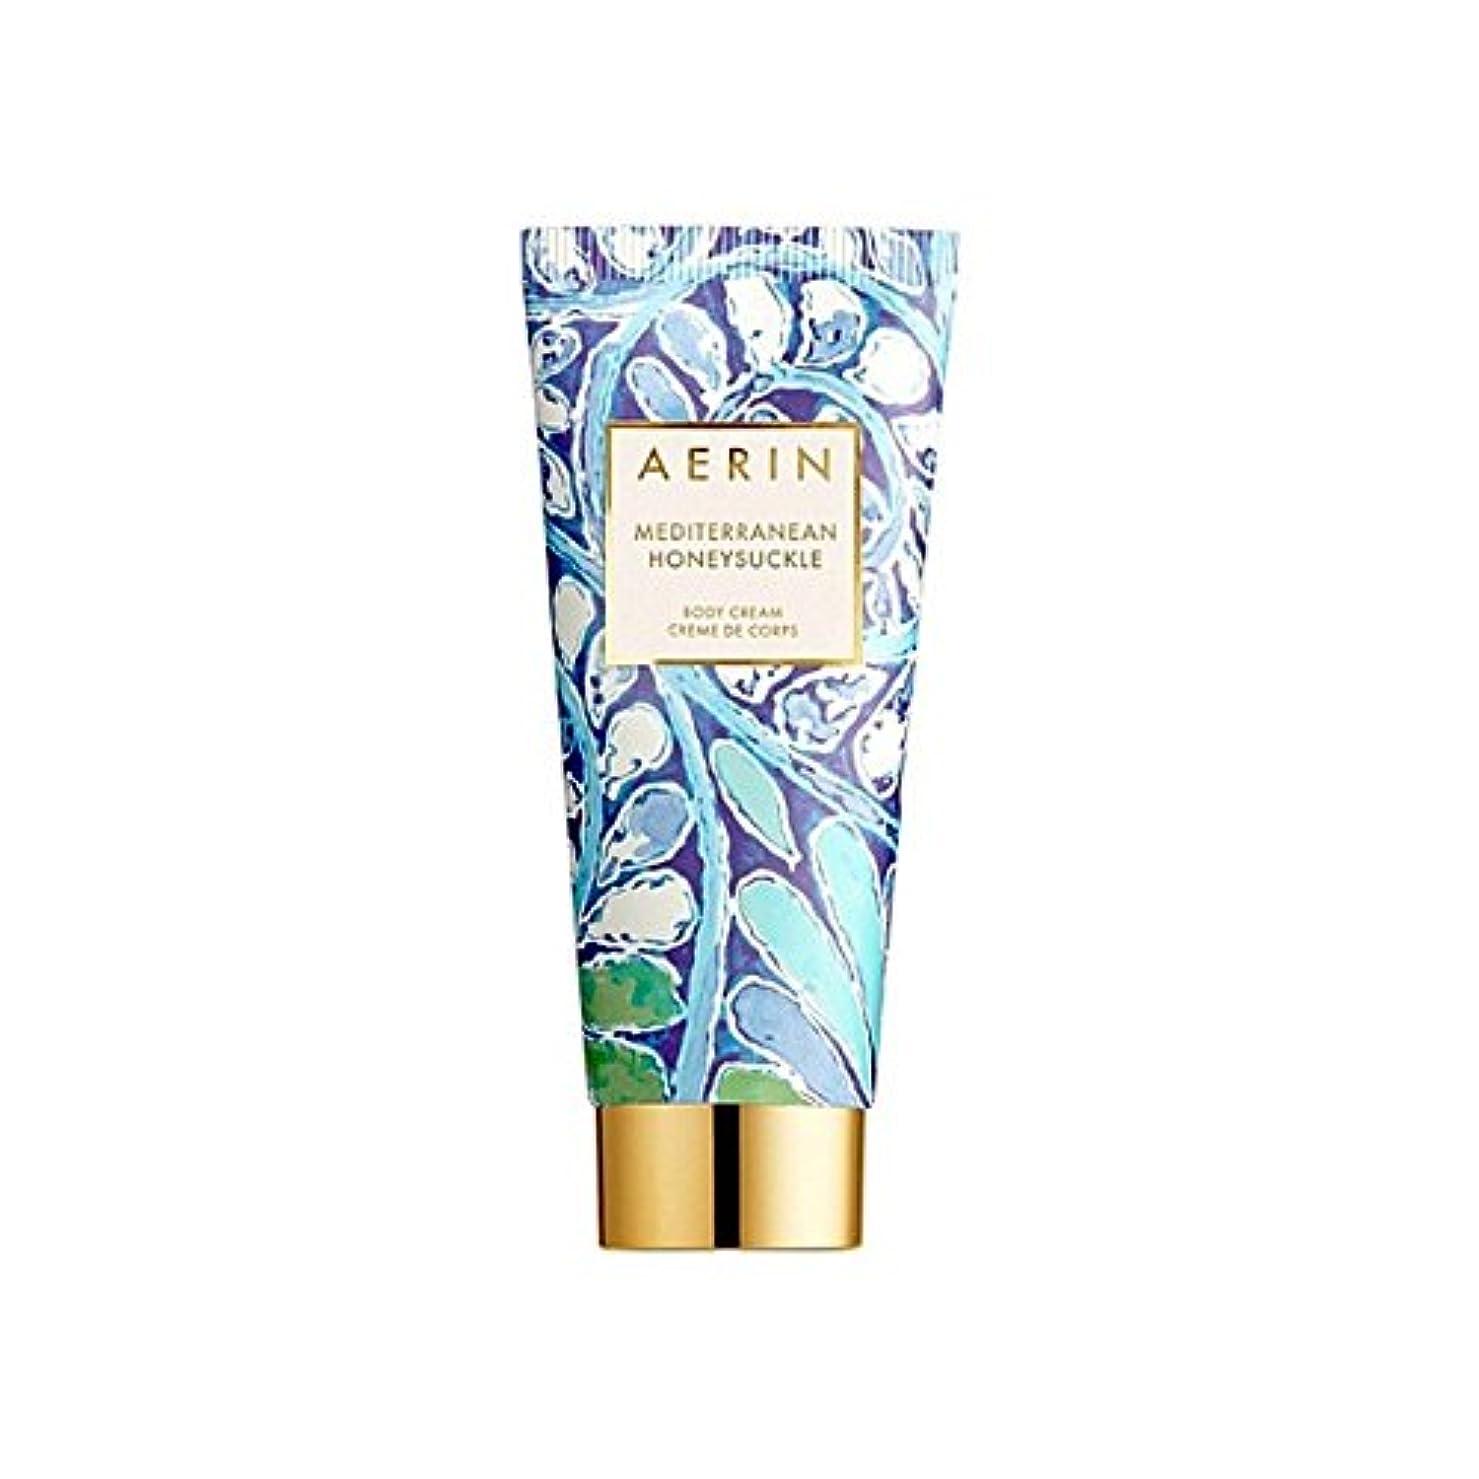 市民救急車境界Aerin Mediterrenean Honeysuckle Body Cream 150ml - スイカズラボディクリーム150ミリリットル [並行輸入品]